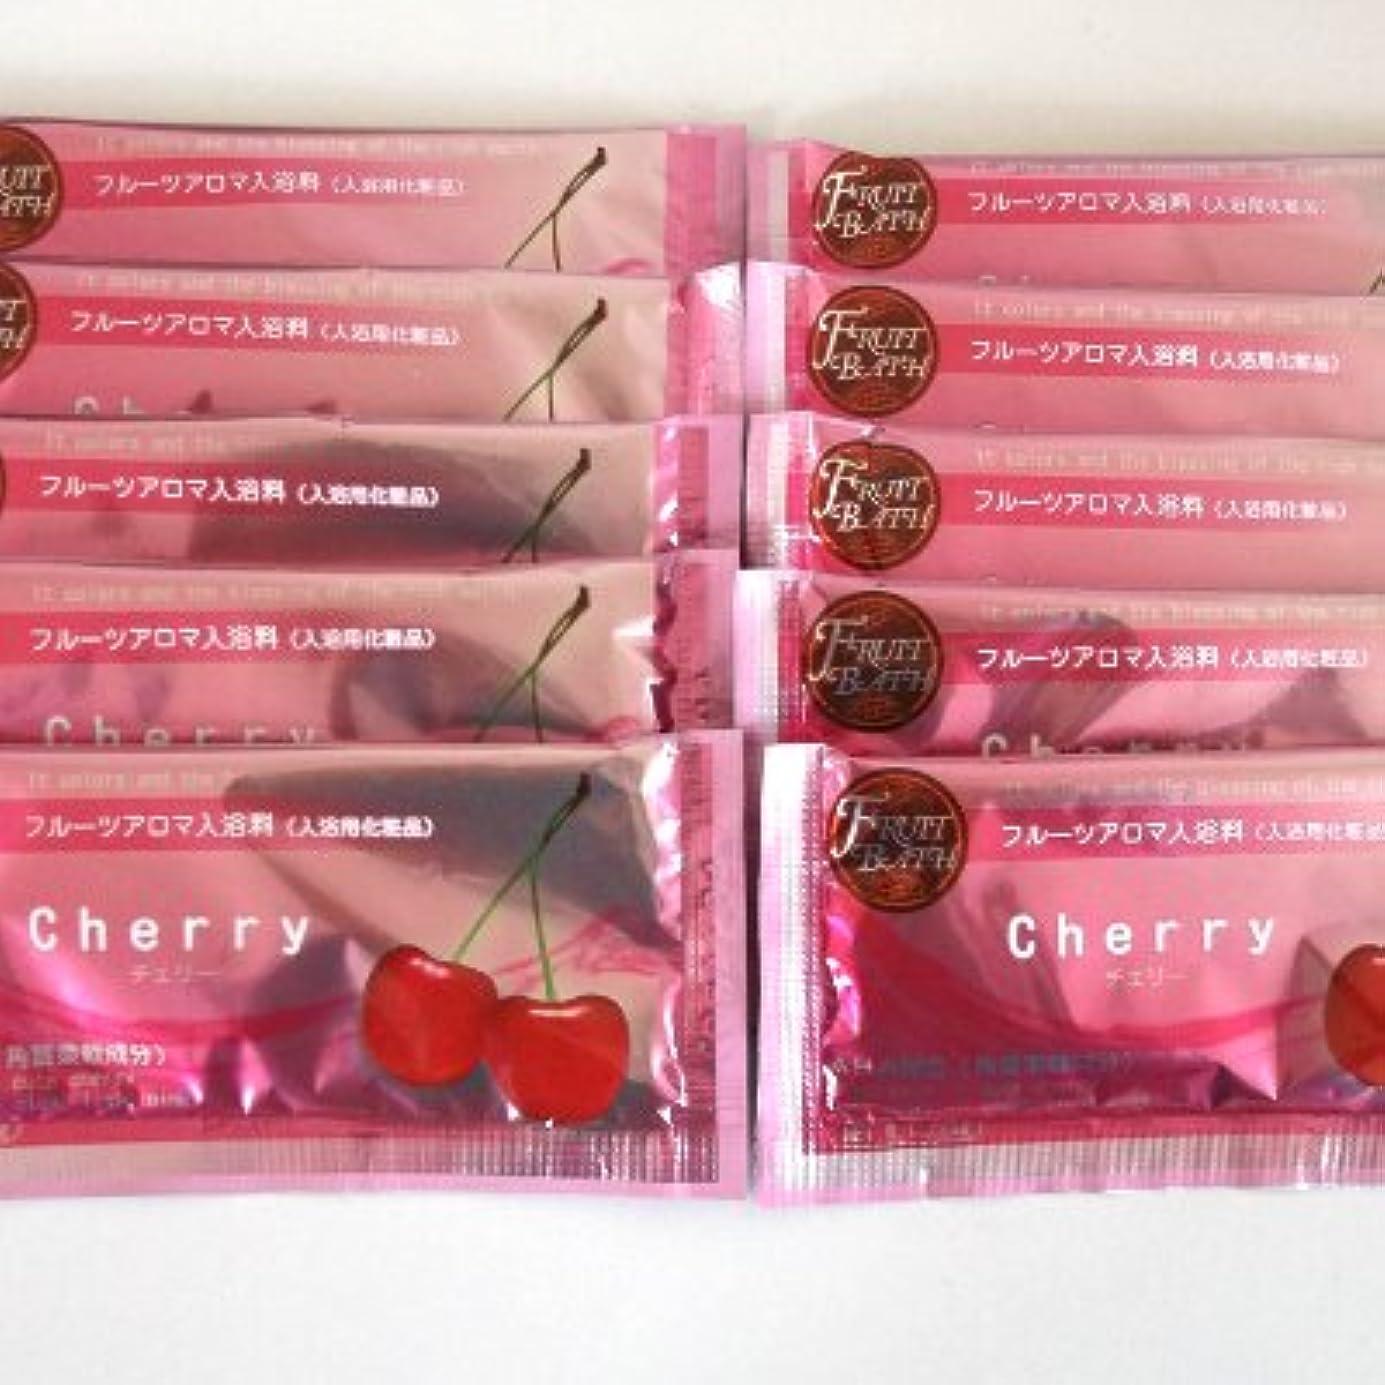 遺伝子放送ブランクフルーツアロマ入浴剤 チェリーの香り 10包セット